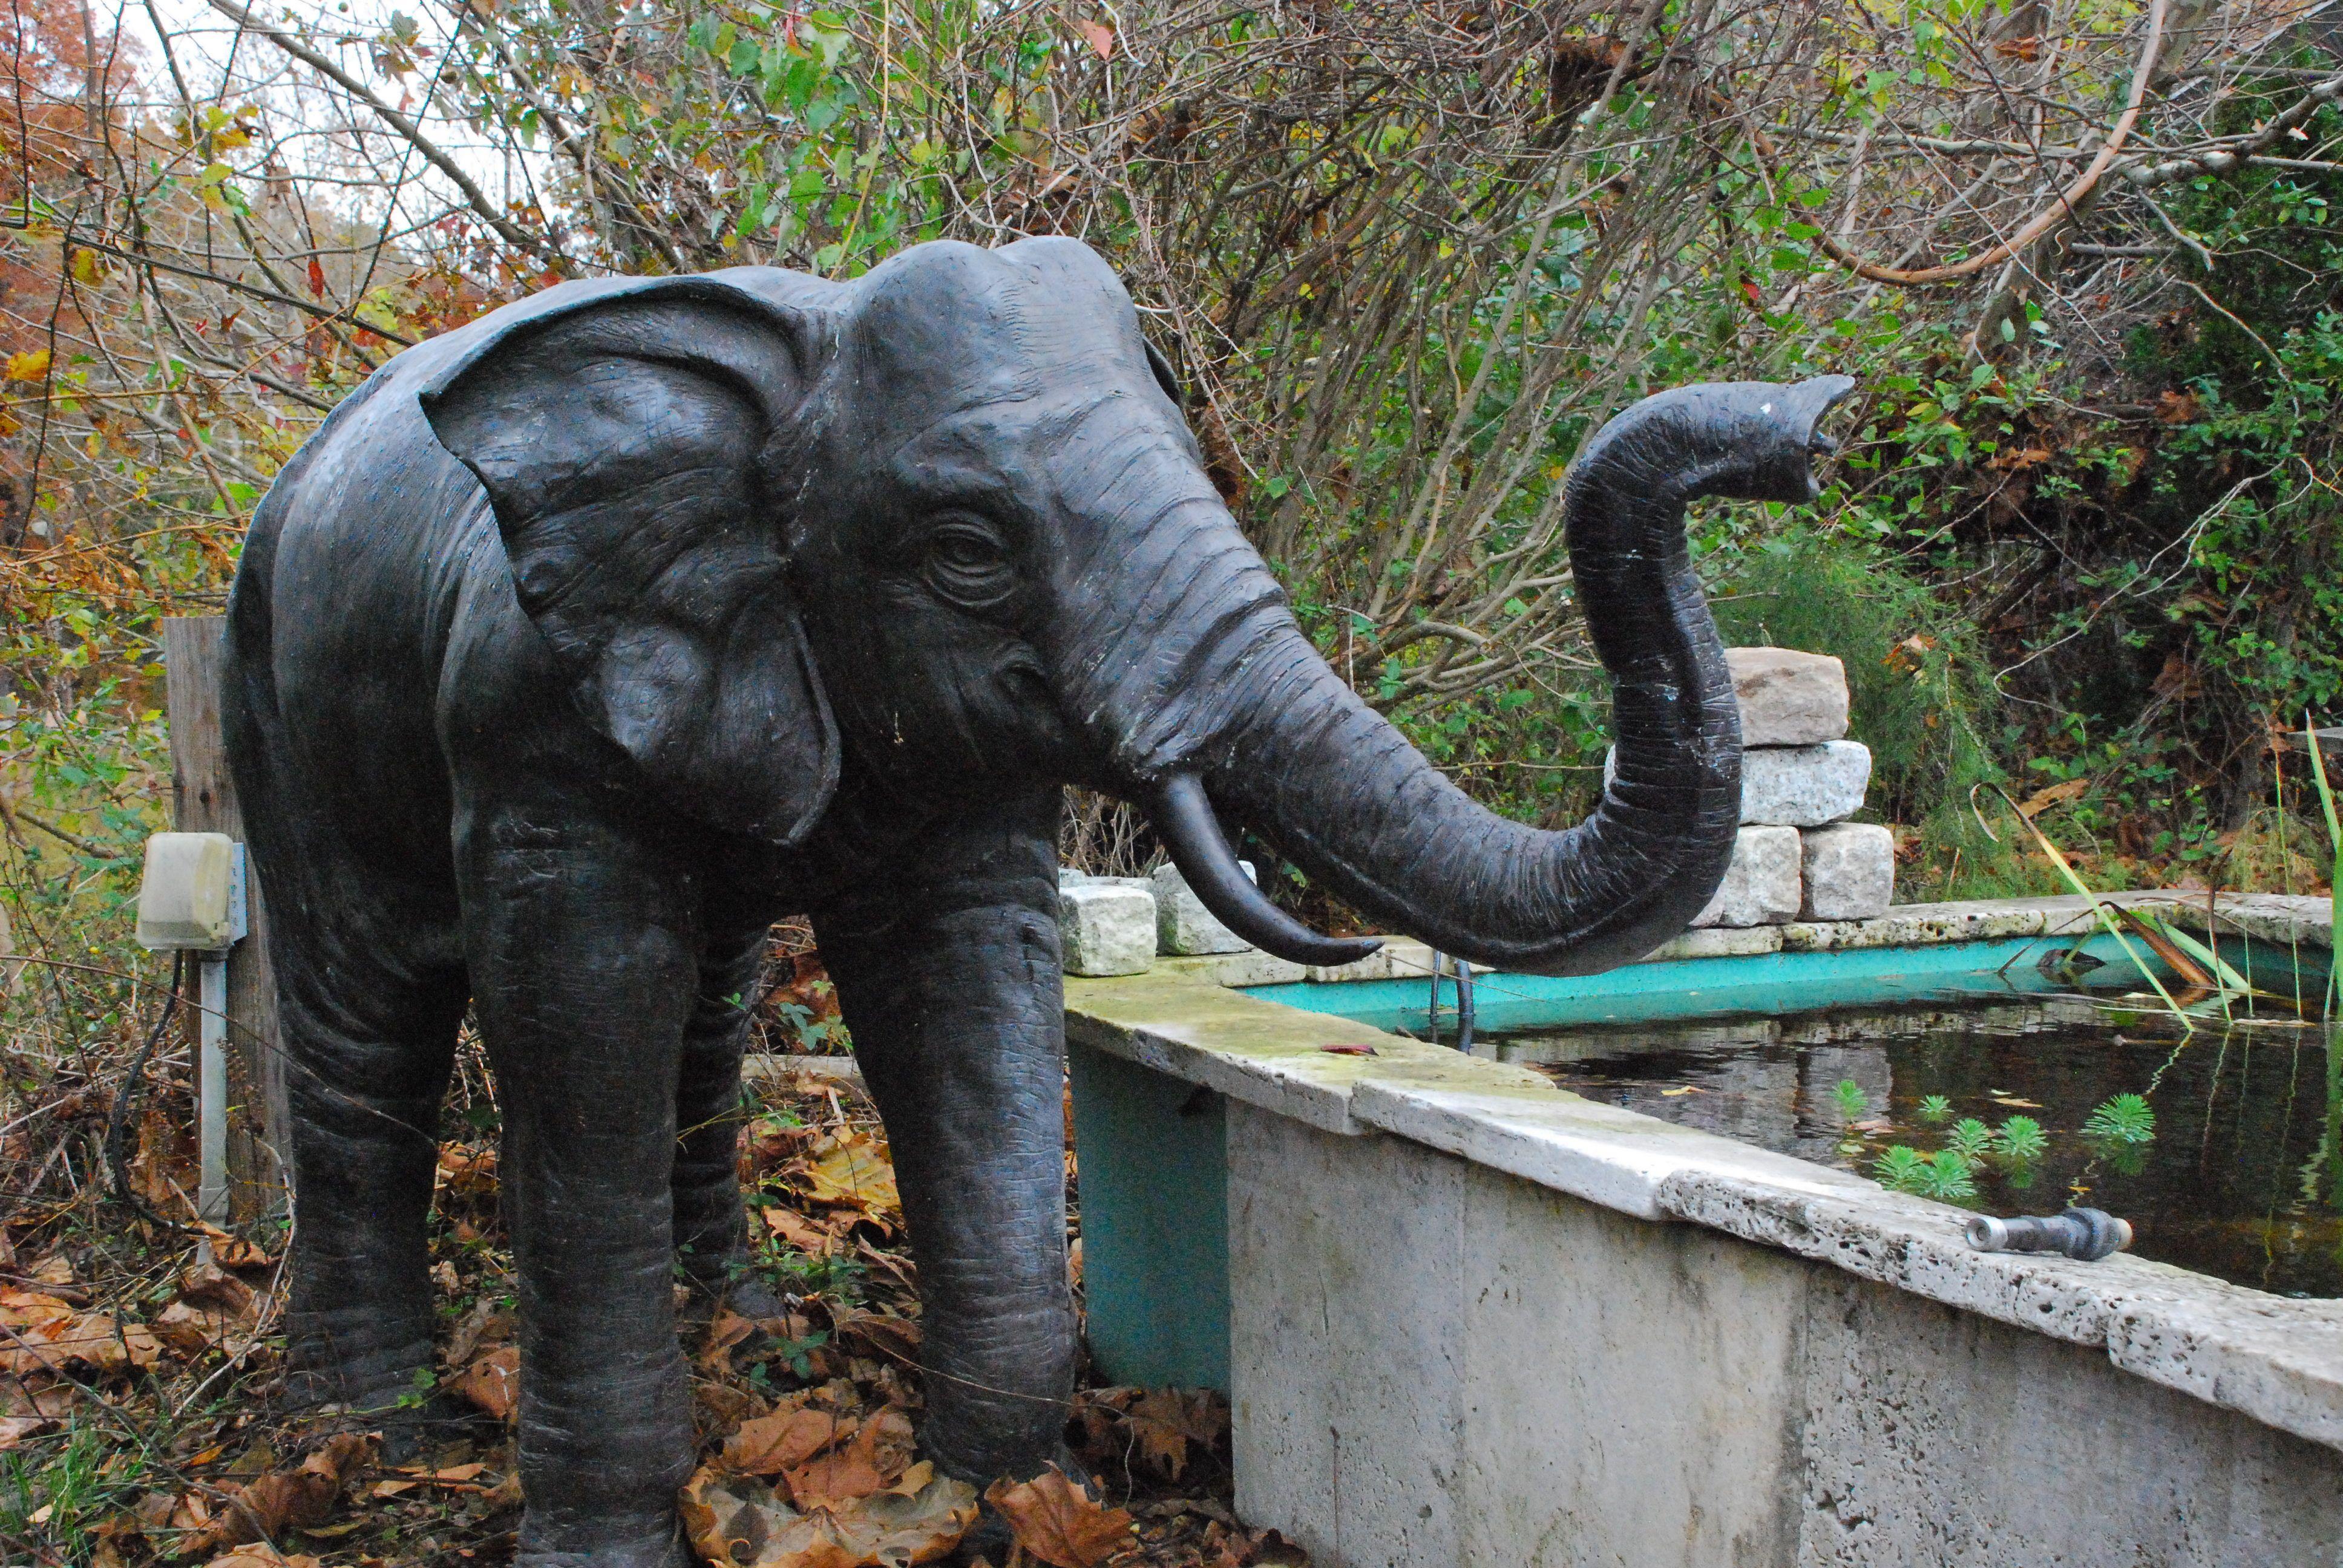 Merveilleux Giant Stone Elephant Fountain | Bronze Elephant Fountain For Pond,elephant  Statue For Garden At